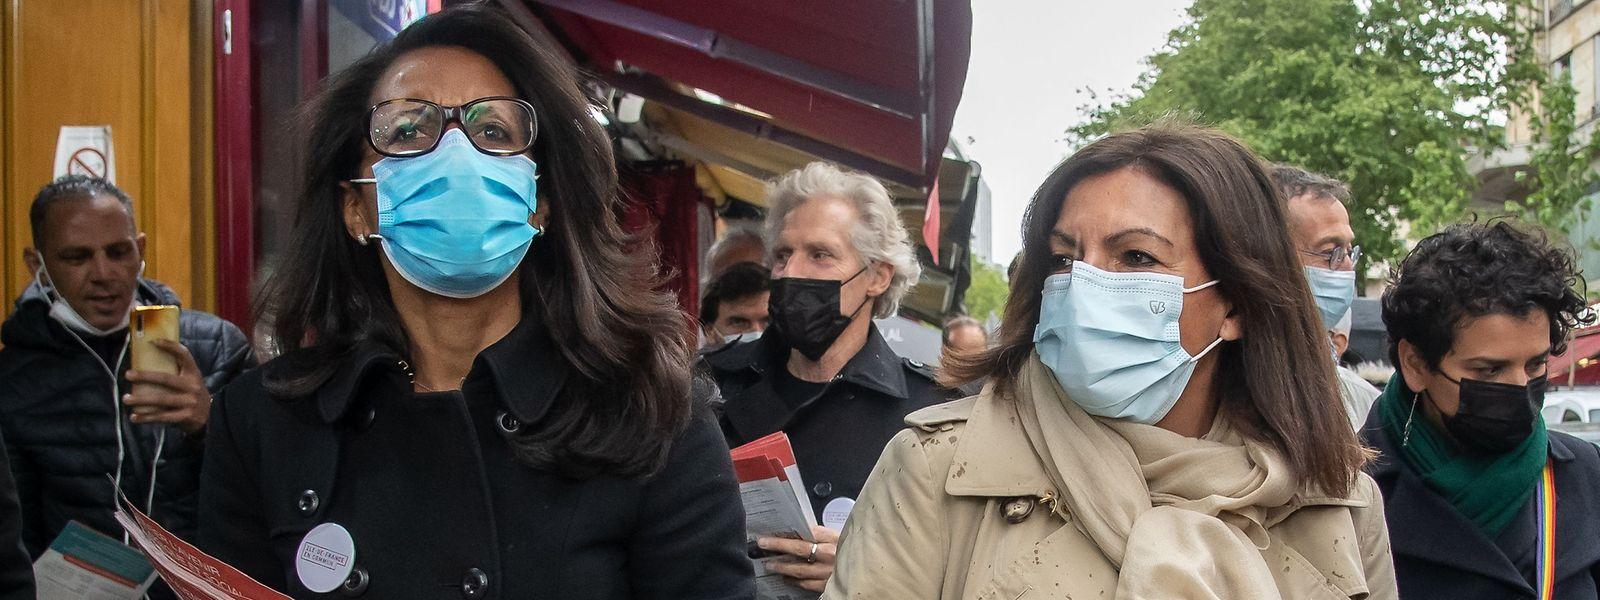 Die Pariser Bürgermeisterin Anne Hidalgo (r.) darf sich wenig Hoffnungen auf den Posten im Elyséepalast machen.